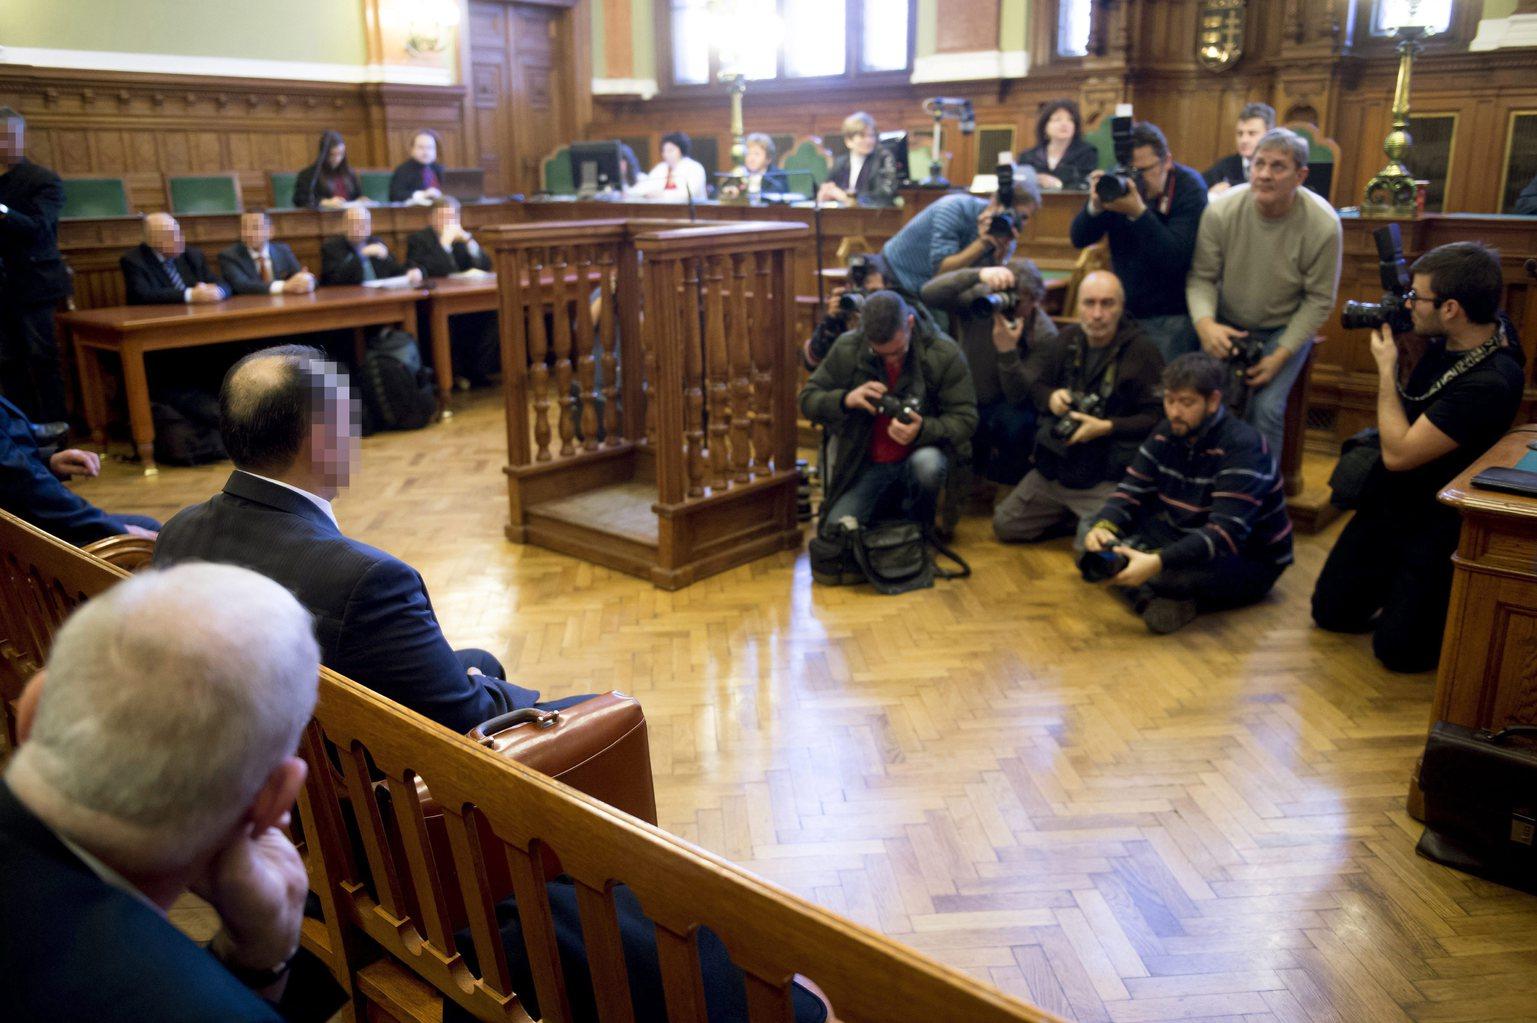 Kulcsár Attila vádlott (b2) az ellene és társai ellen sikkasztás, vesztegetés és más bűncselekmények miatt folyó megismételt eljárás tárgyalásán a Fővárosi Törvényszéken 2015. december 29-én. Várhatóan ezen a napon ítéletet hirdetnek a megismételt büntetőperben. MTI Fotó: Koszticsák Szilárd